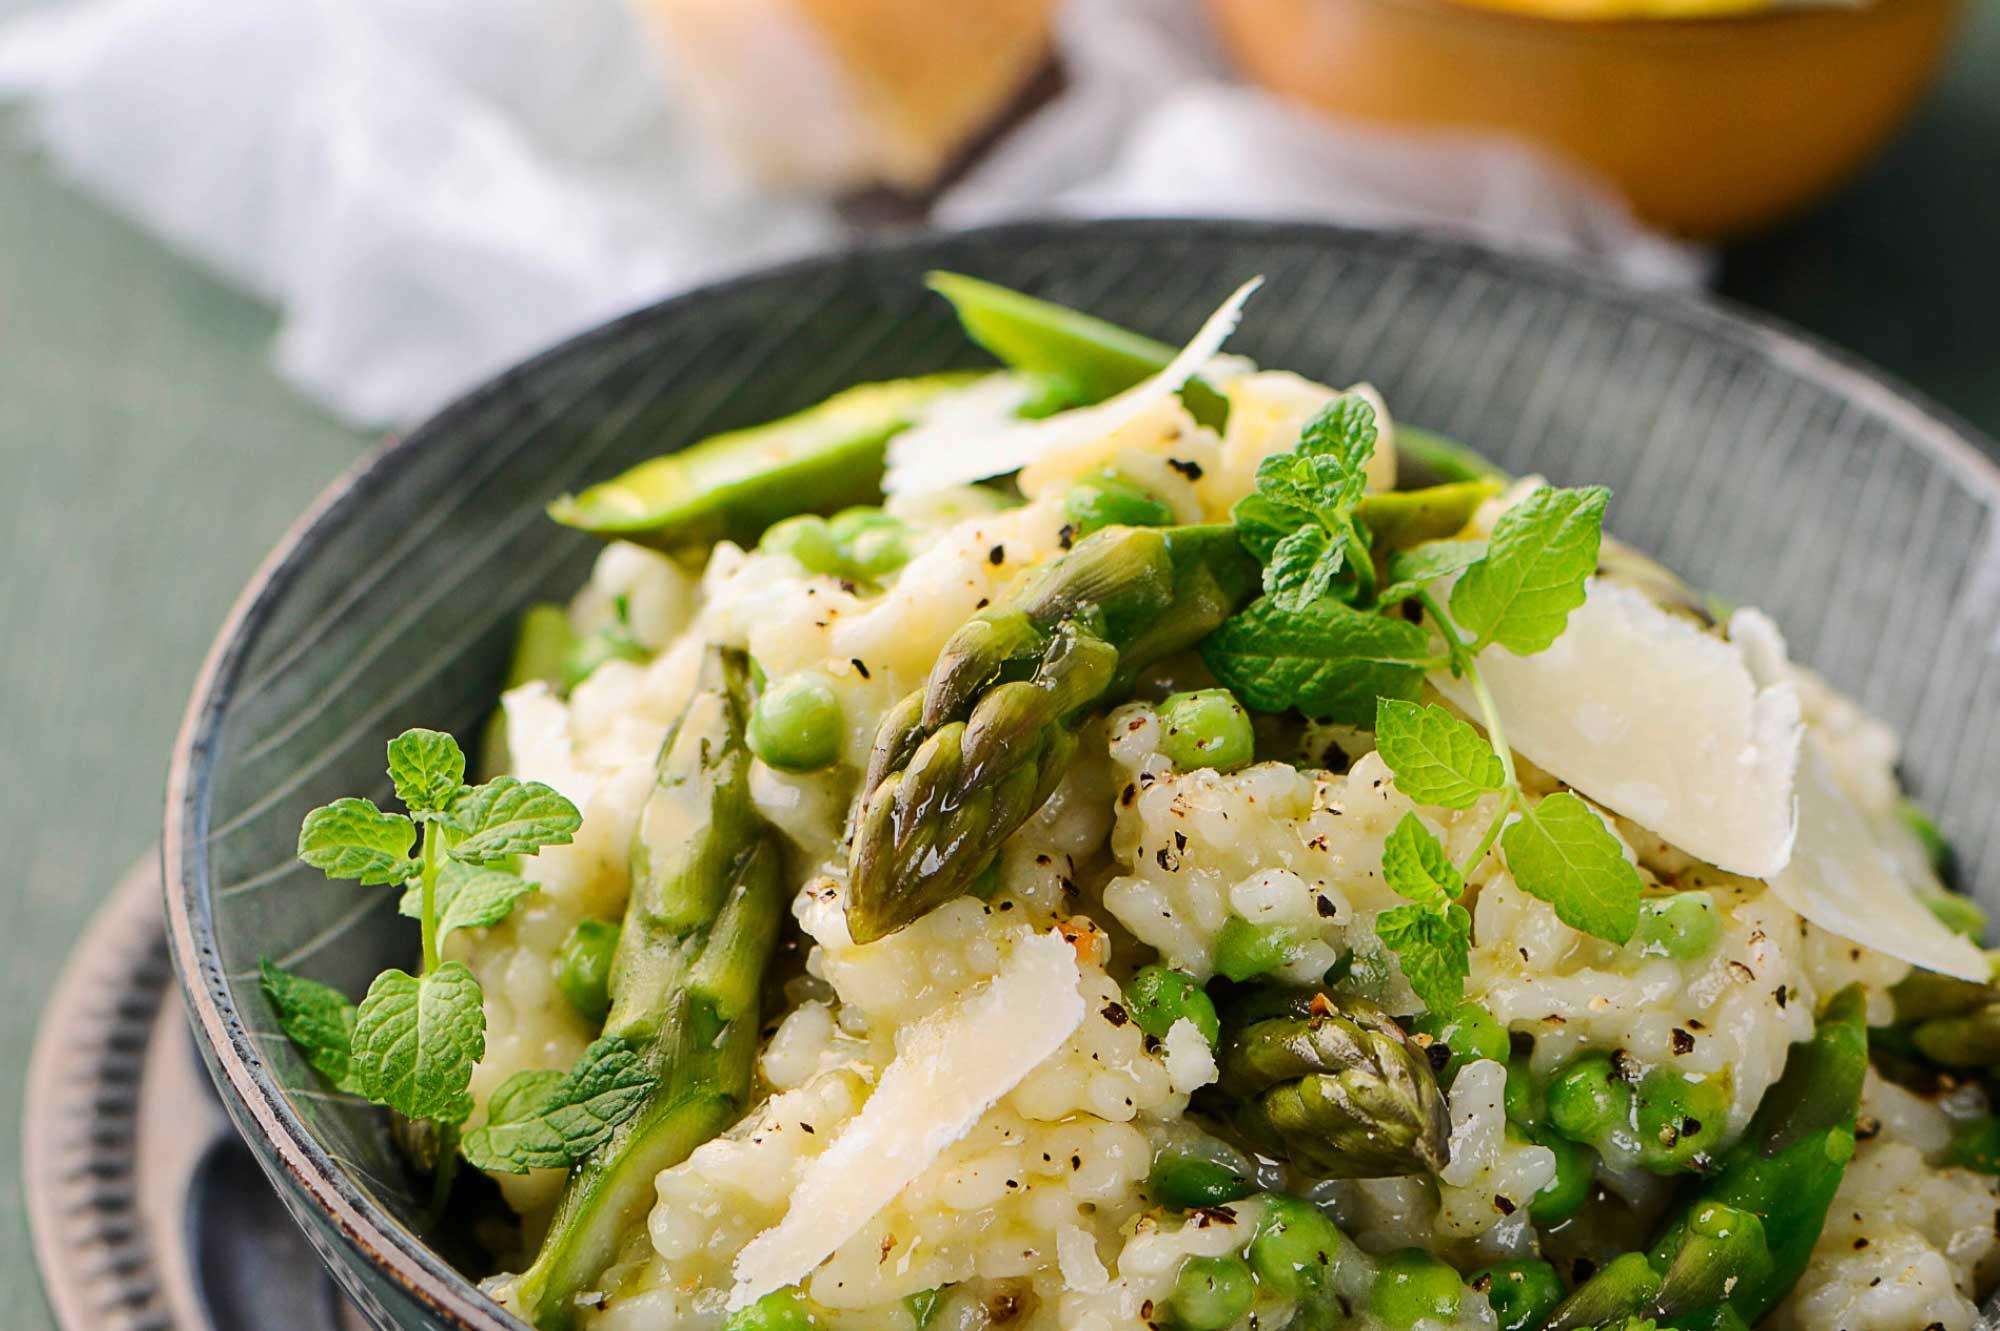 Recept risotto doperwten asperges parmazaan oktober | Bedrijfscatering | De Groene Artisanen